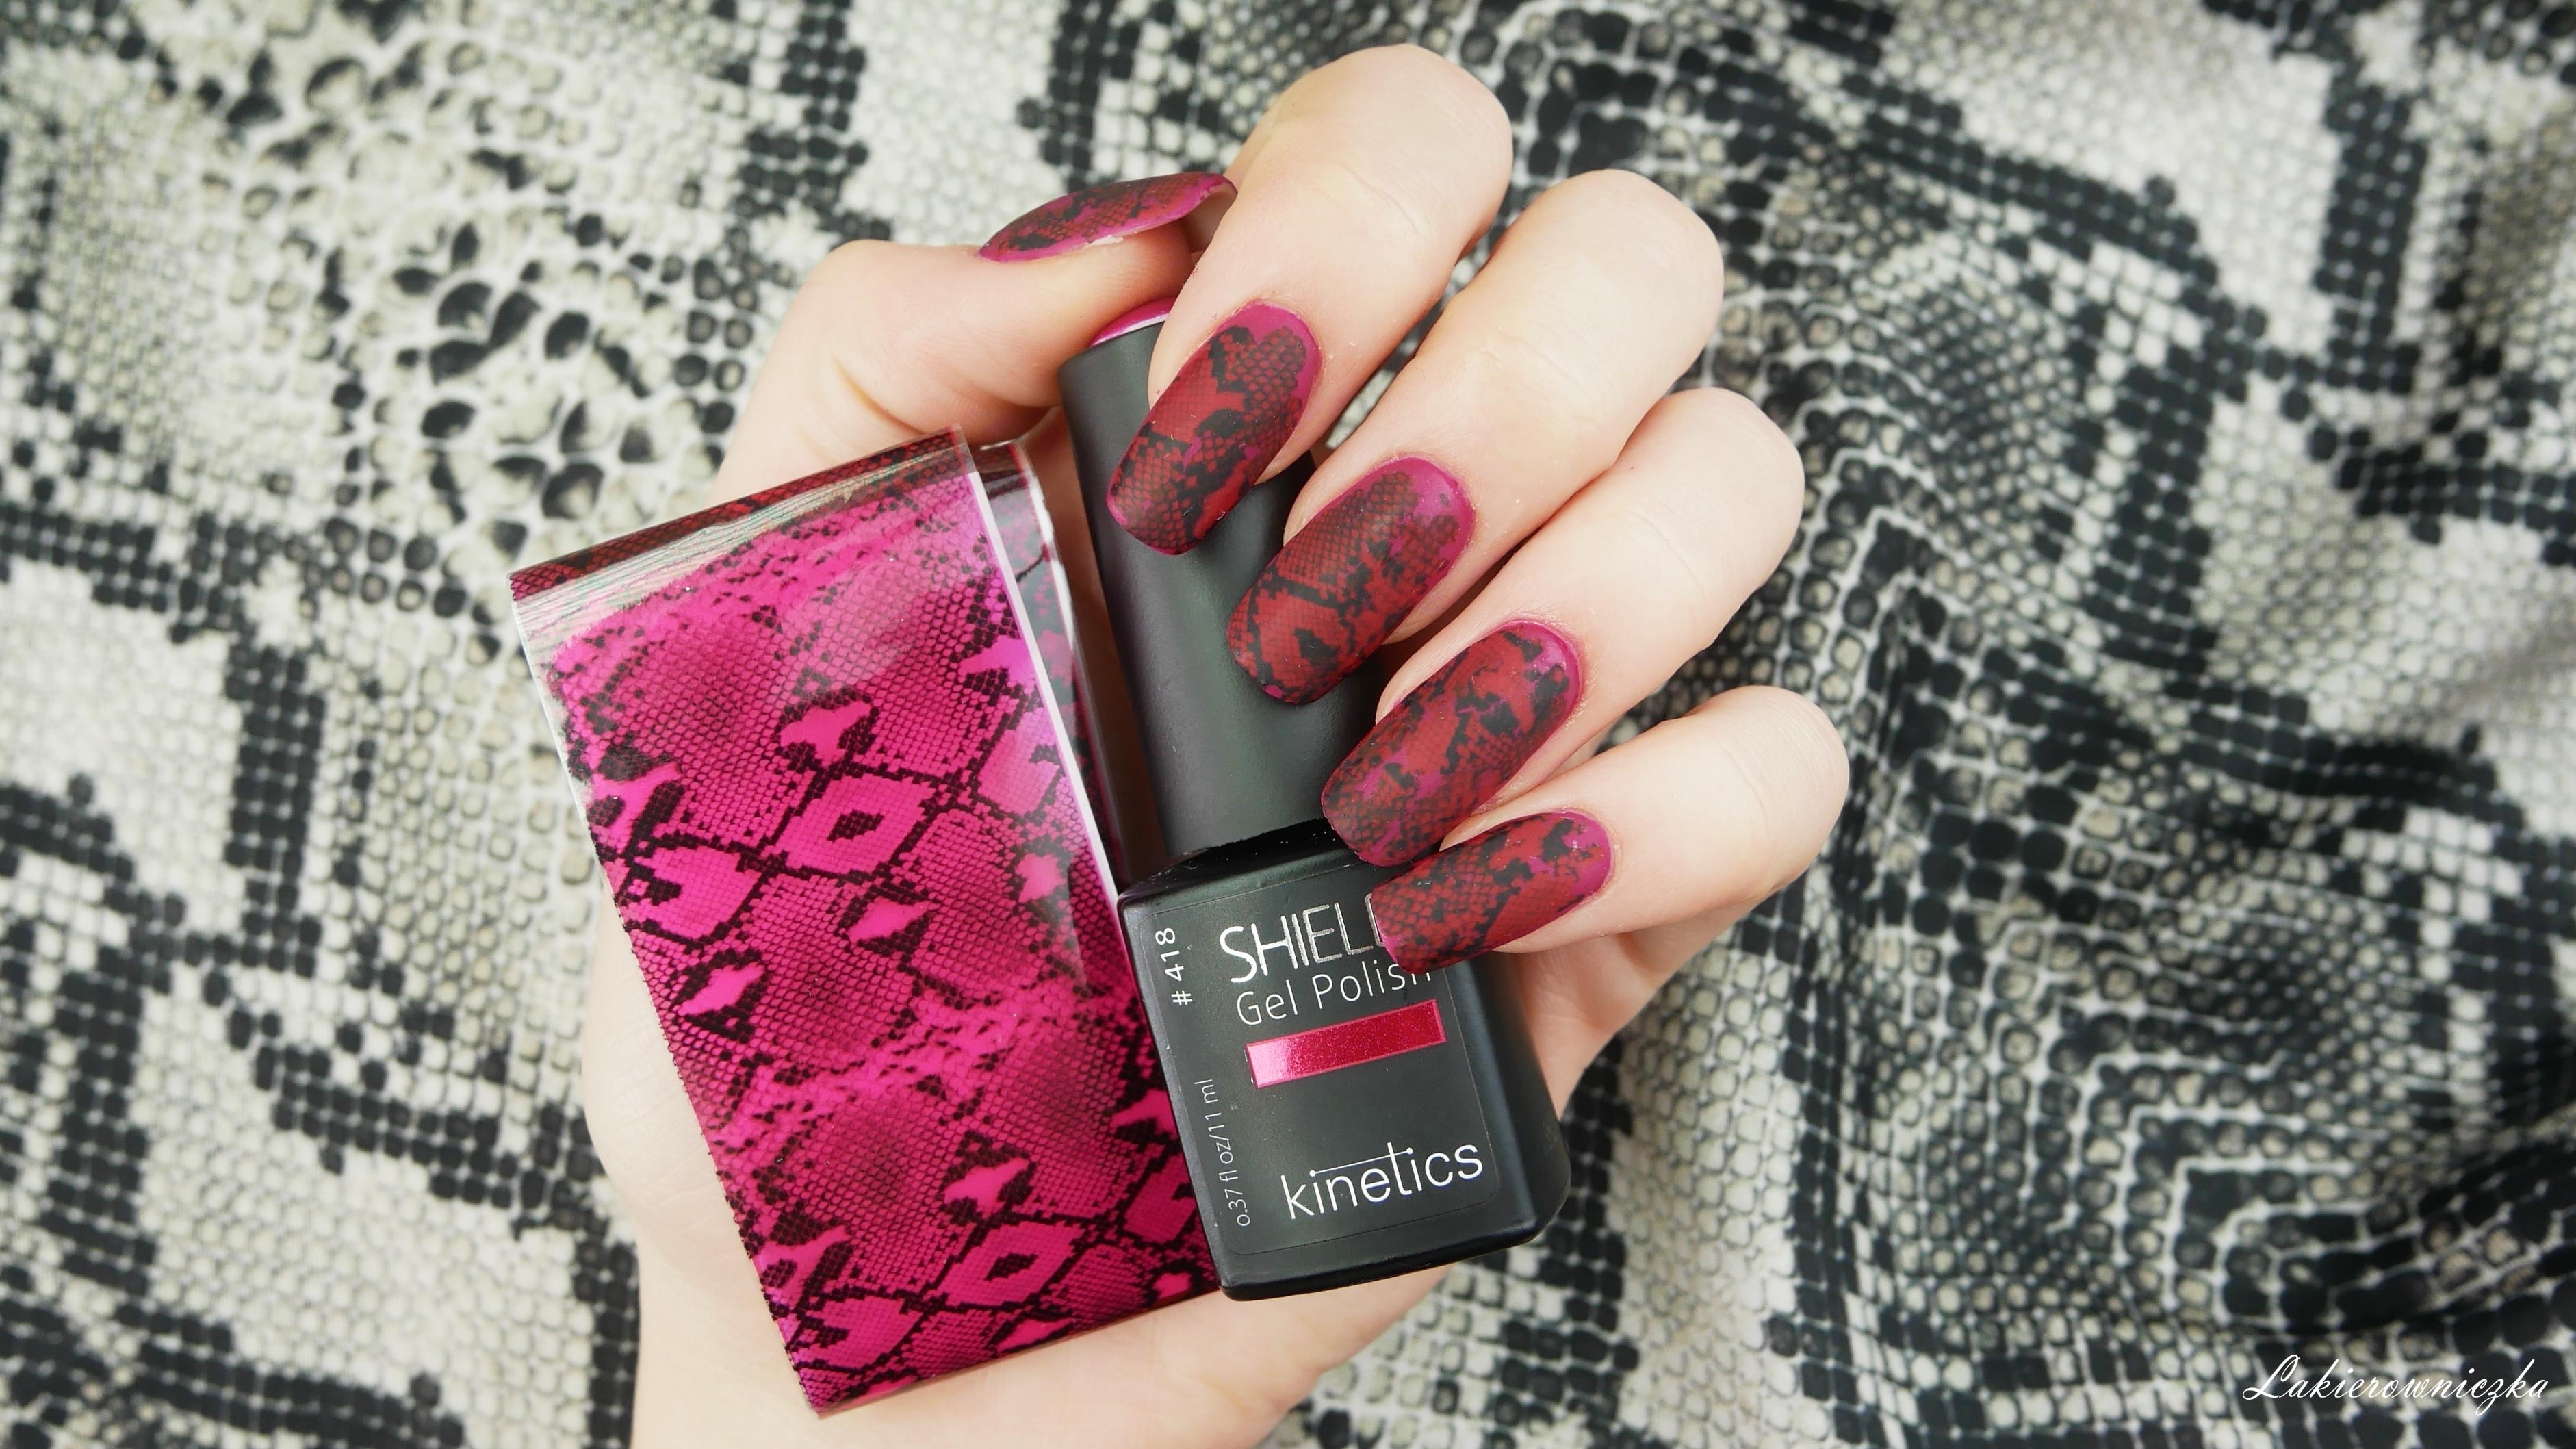 paznokcie-w-wzor-wezowej-skorki-wezowe-paznokcie-snake-skin-nails-Lakierowniczka-kinetics-mirror-like-red-folia-transferowa